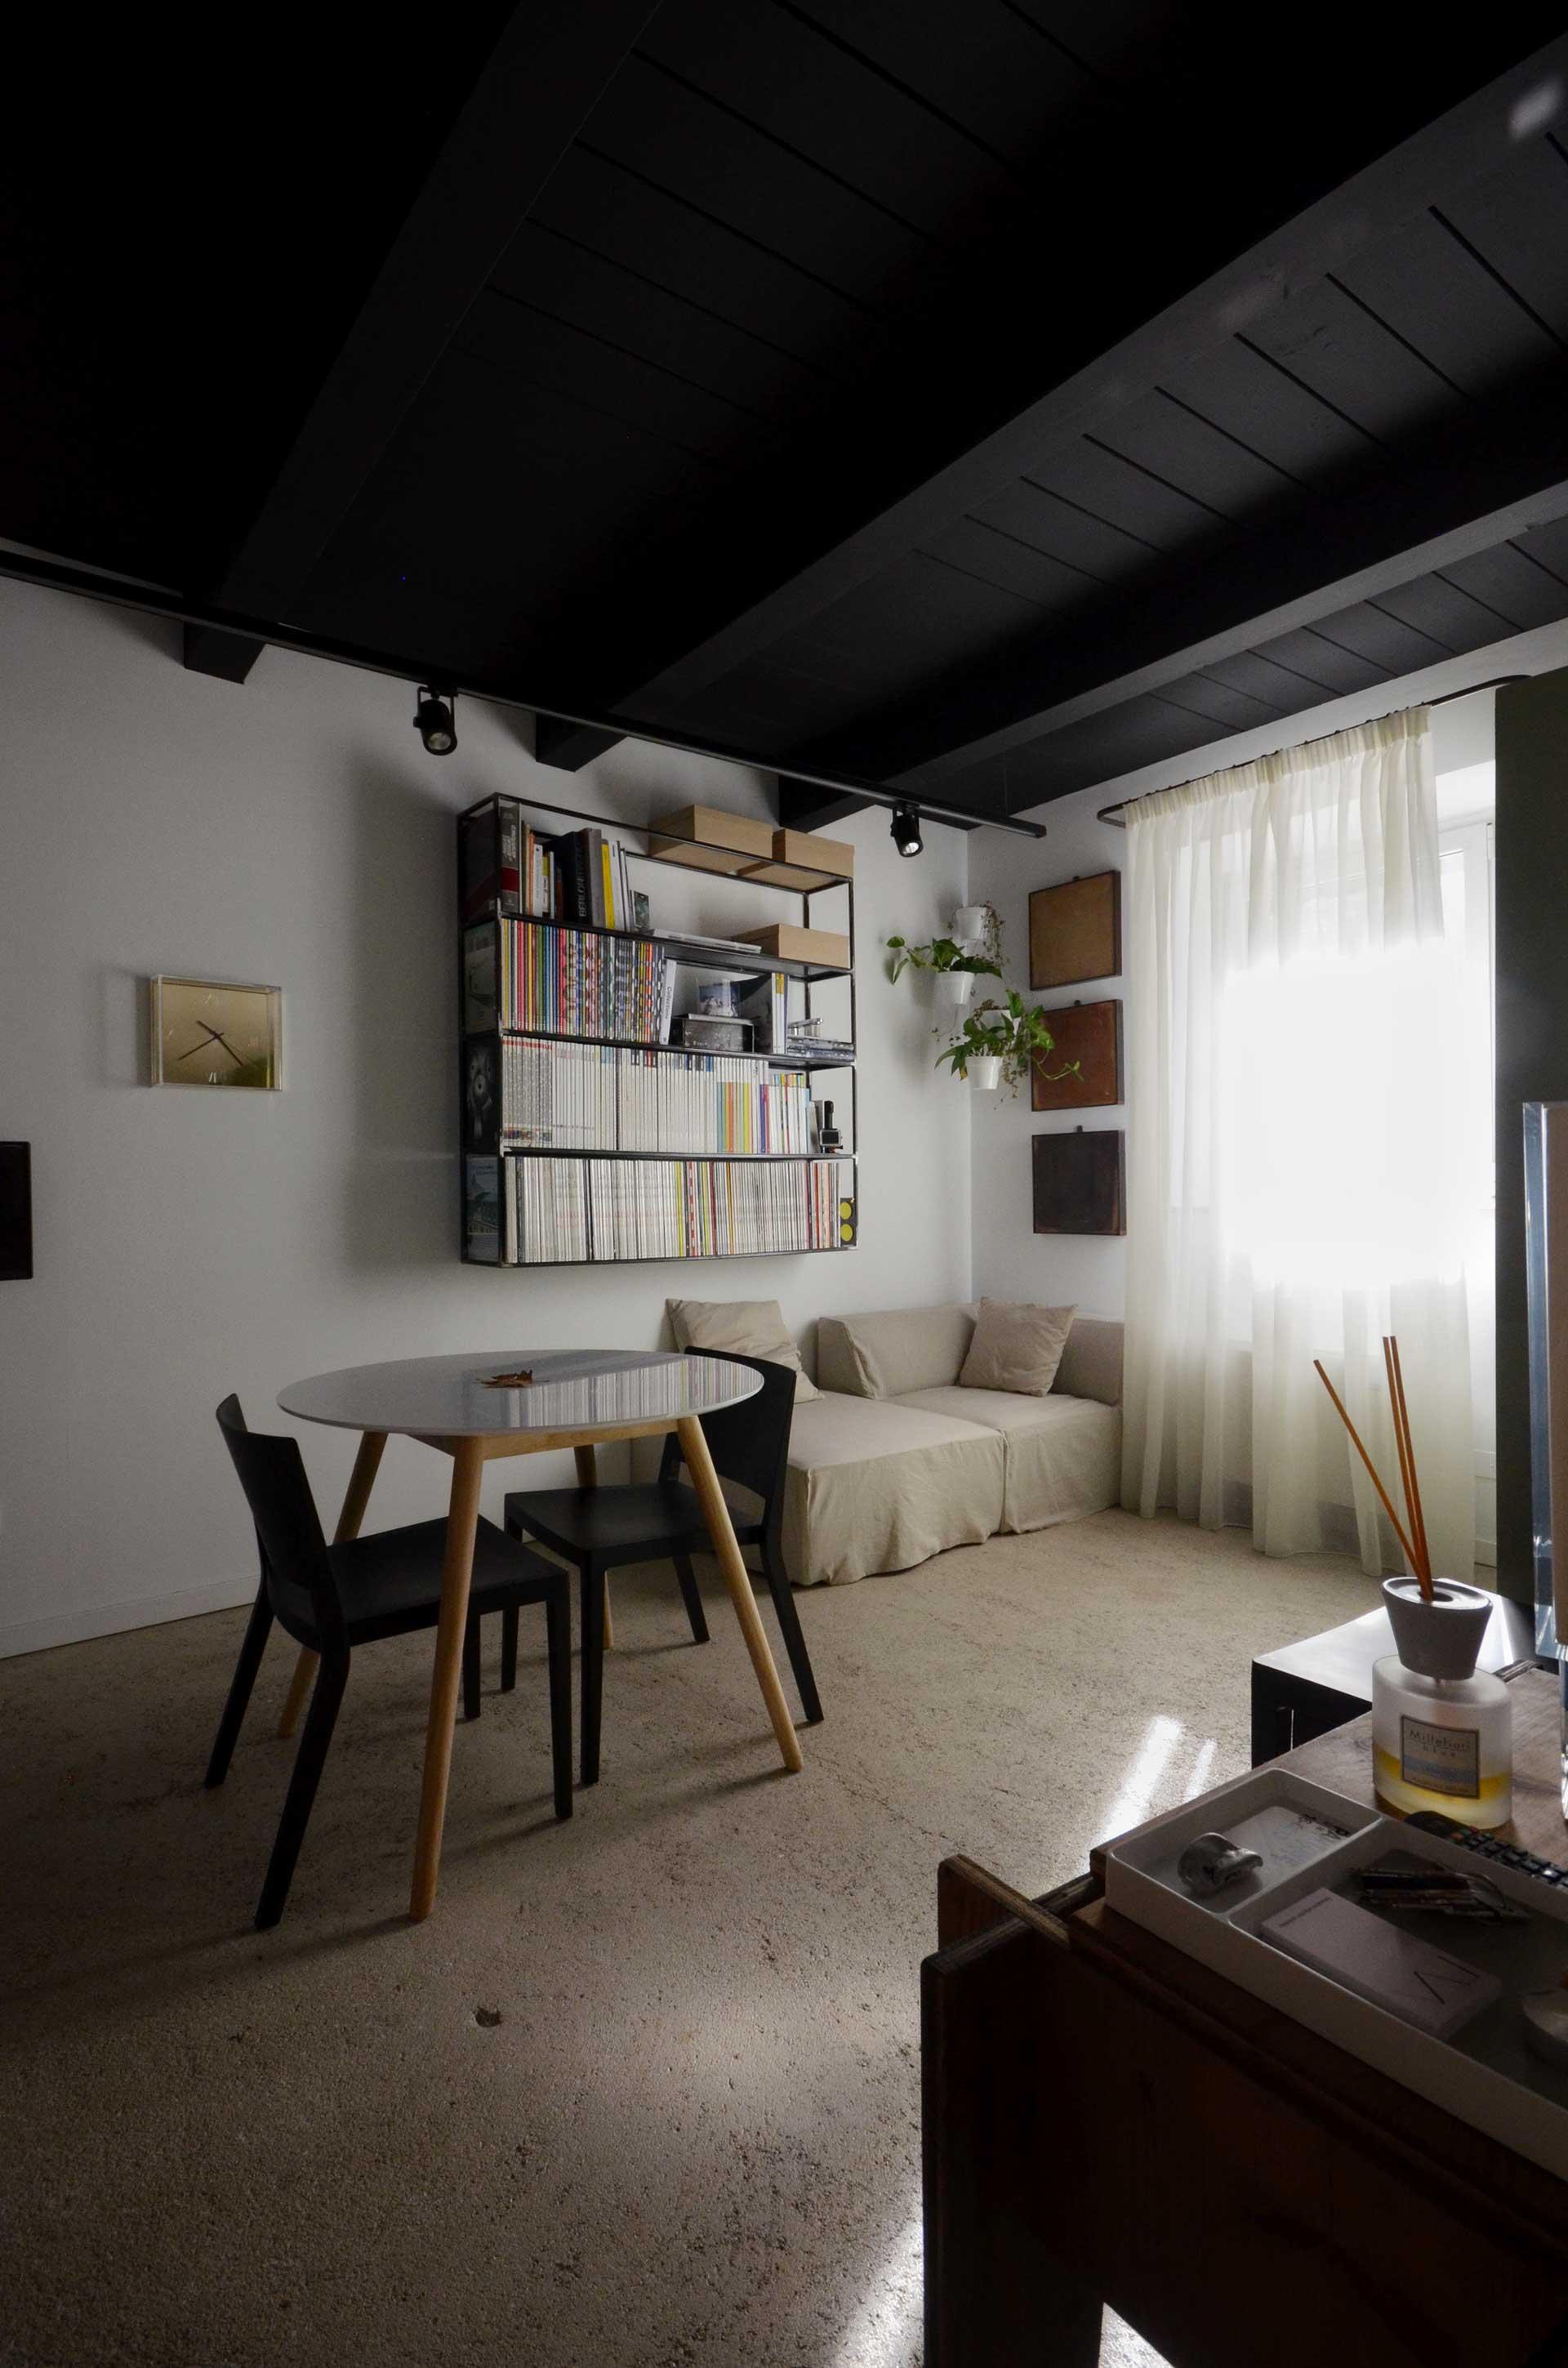 casa CM127. La zona di ingresso al piccolo laboratorio di architettura design.